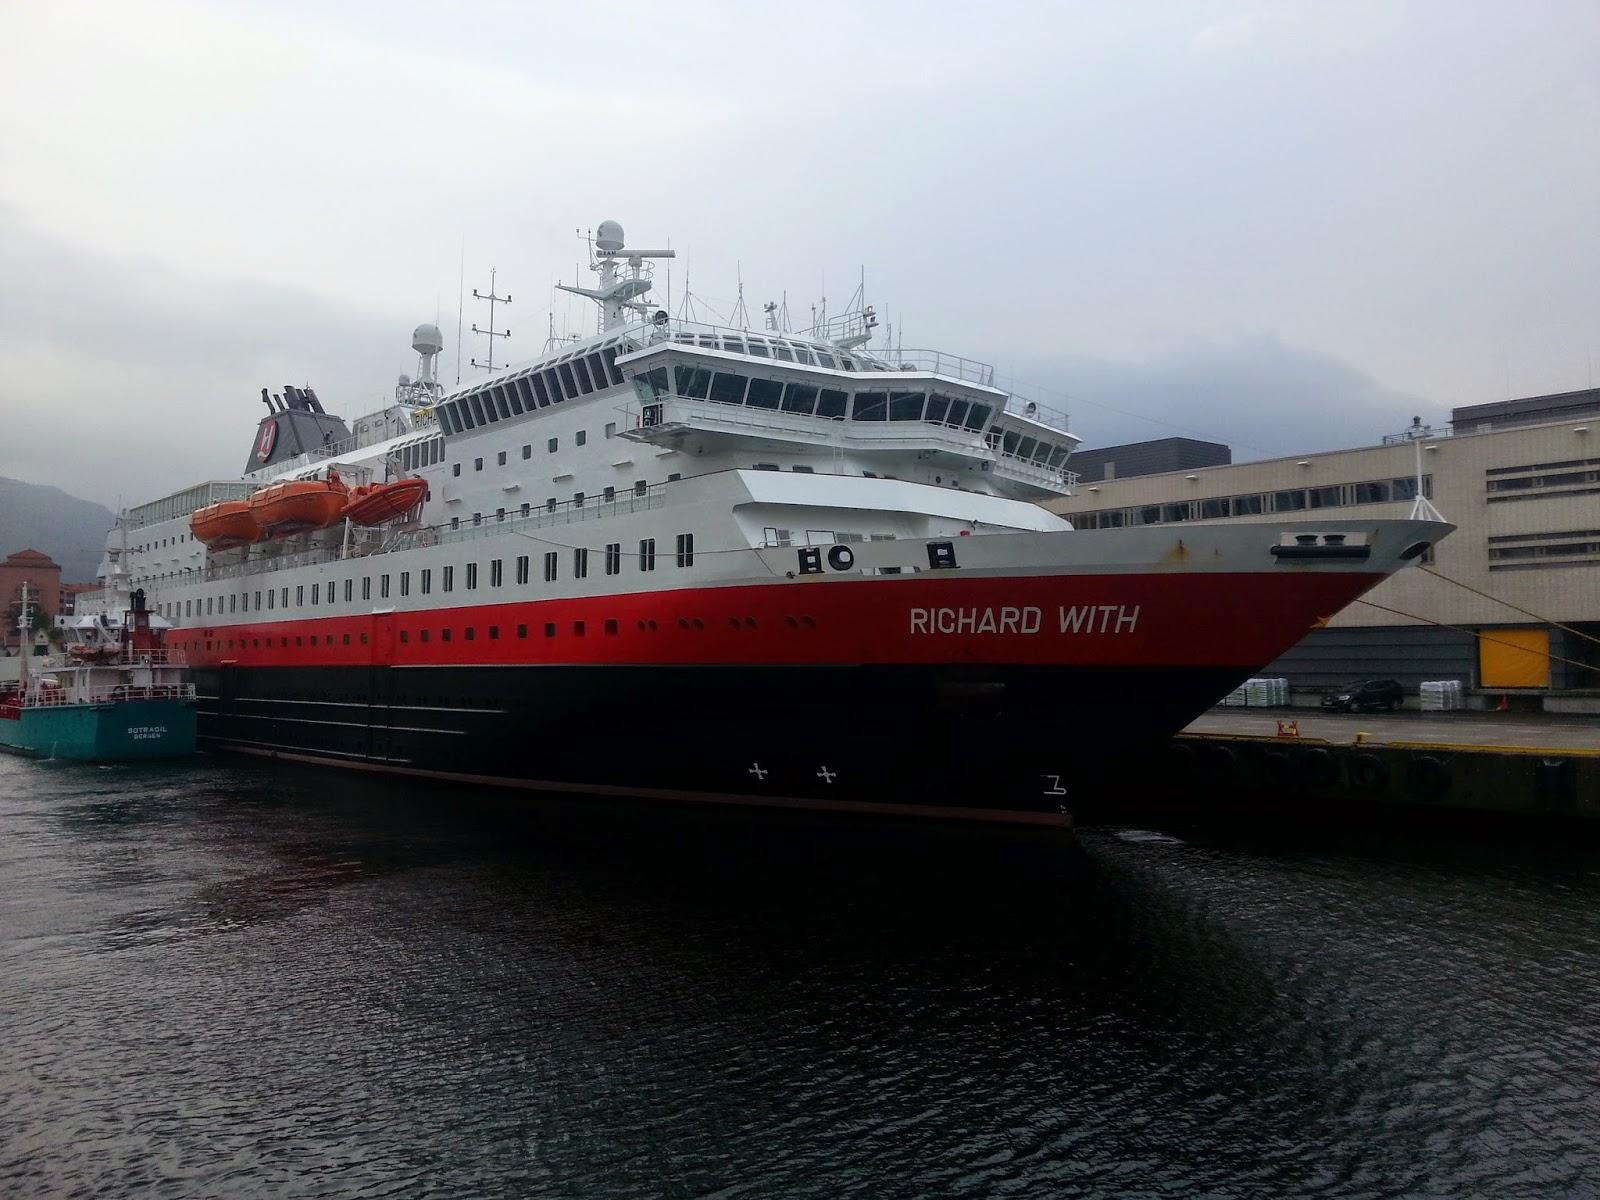 Hurtigruten MS Richard With in Bergen, Norway